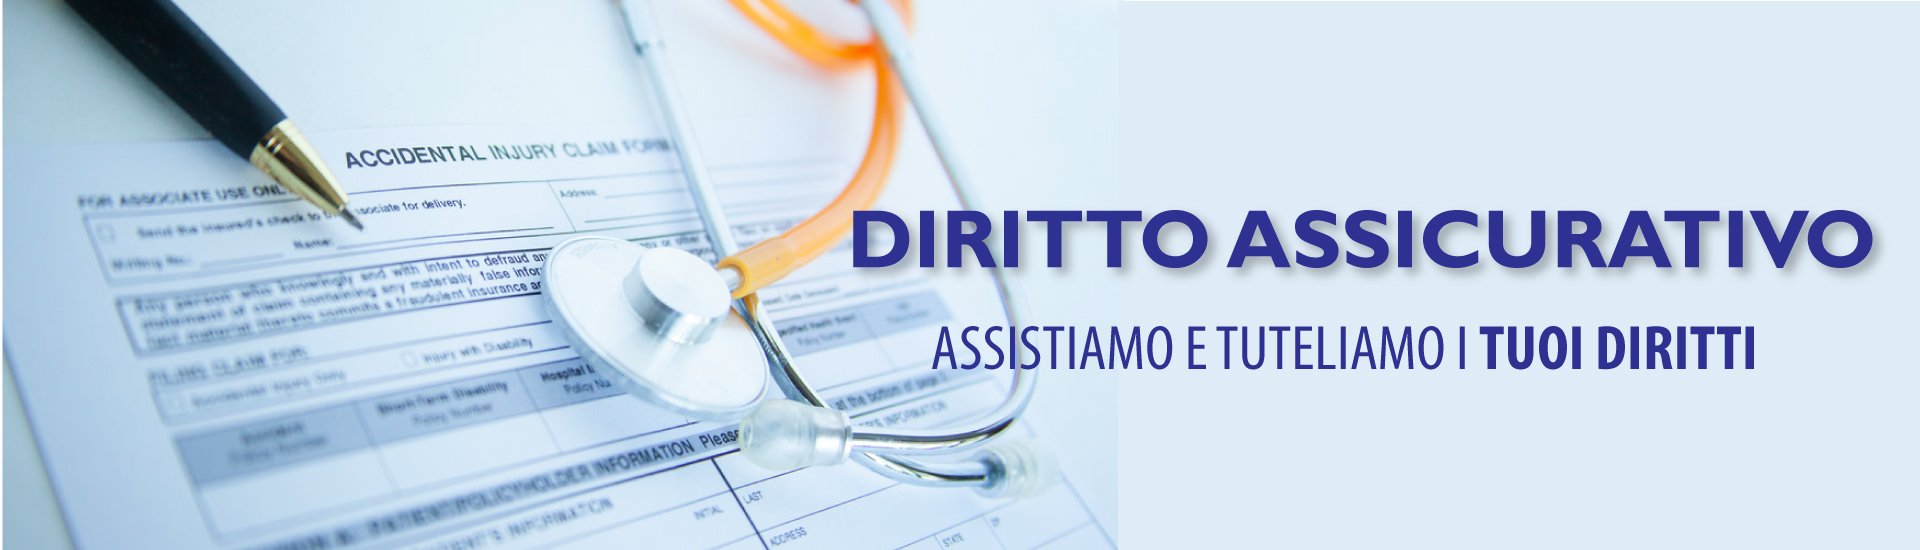 Diritto Assicurativo Studio Acp Napoli